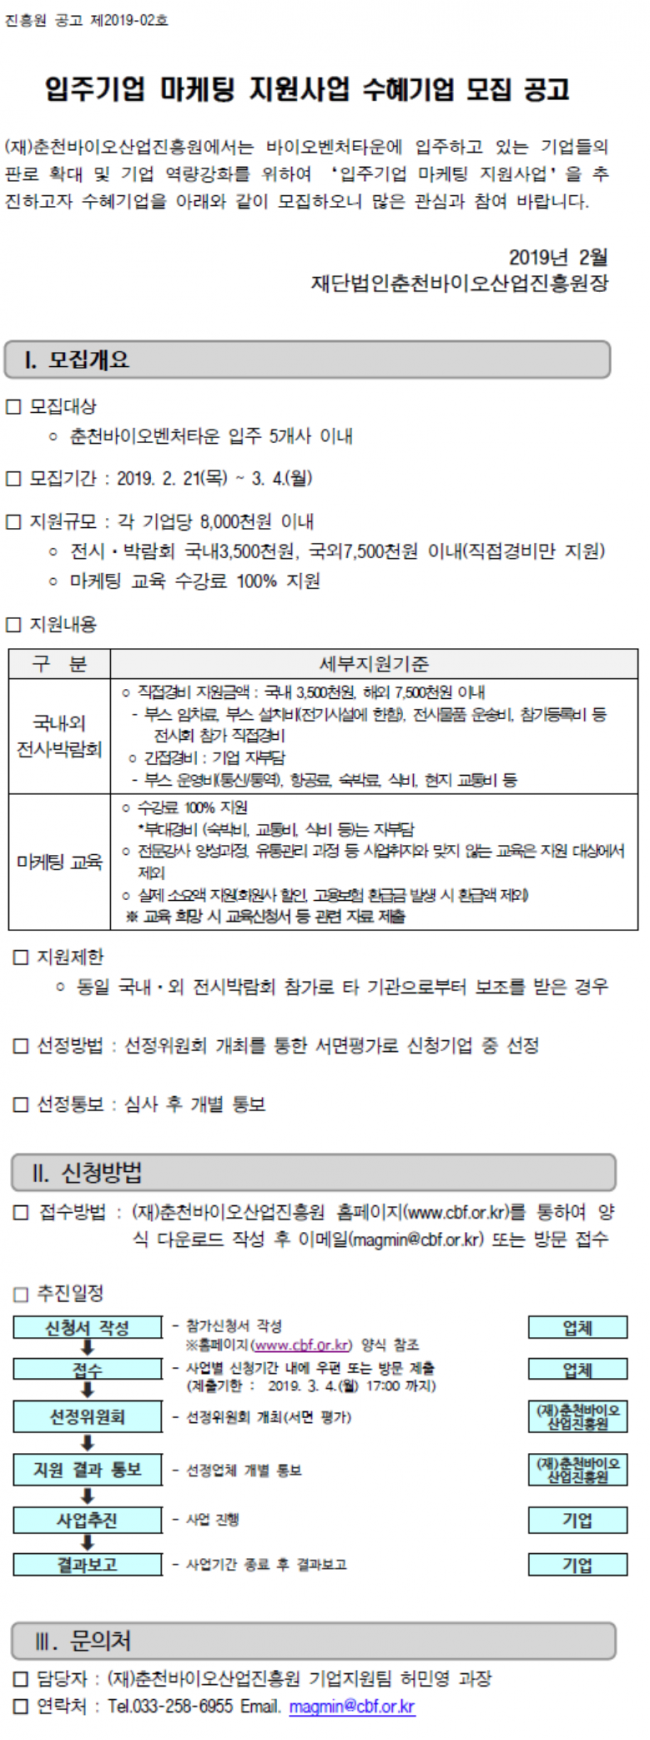 수출유망제품 홍보지원 모집 공고문 수정.png